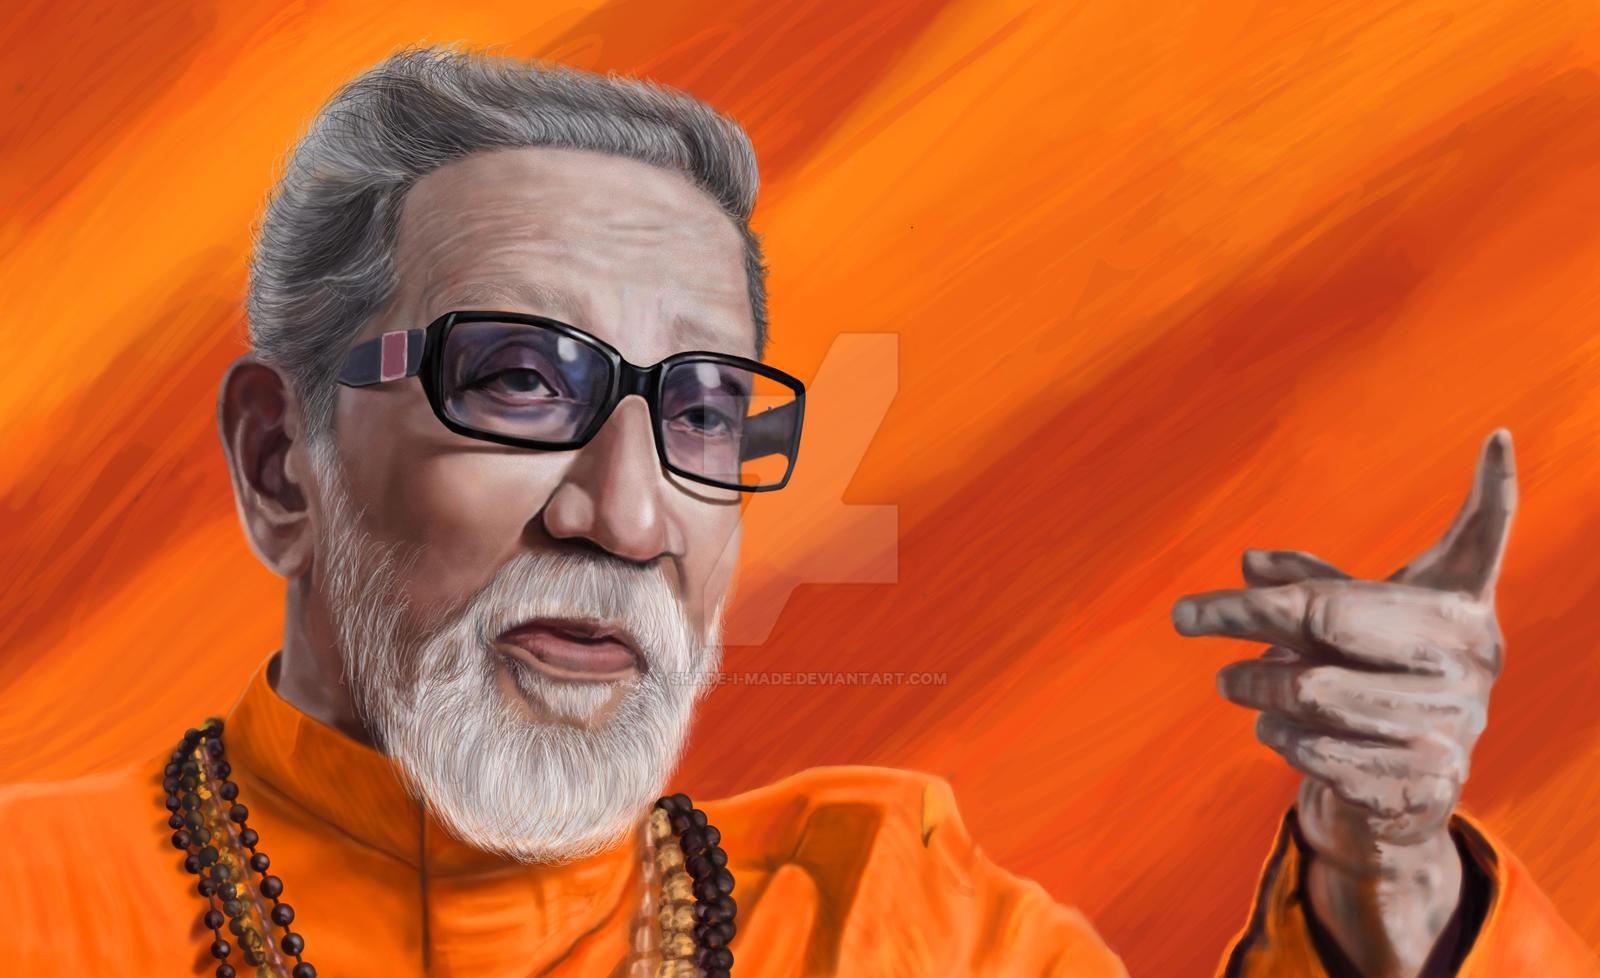 Bal Thackeray By Shade I Made